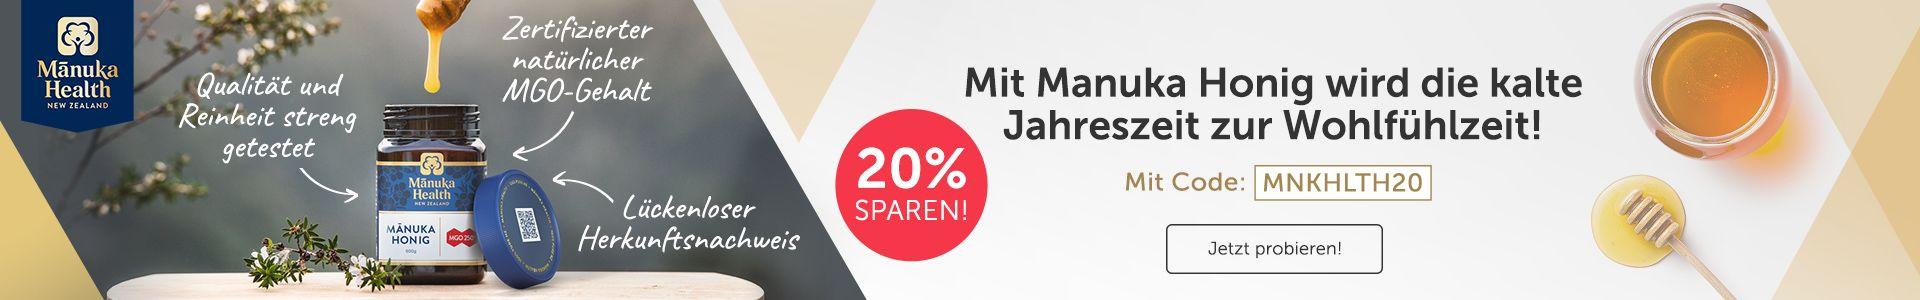 Mit Manuka Honig wird die kalte Jahreszeit zur Wohlfühlzeit! Jetzt 20% sichern!